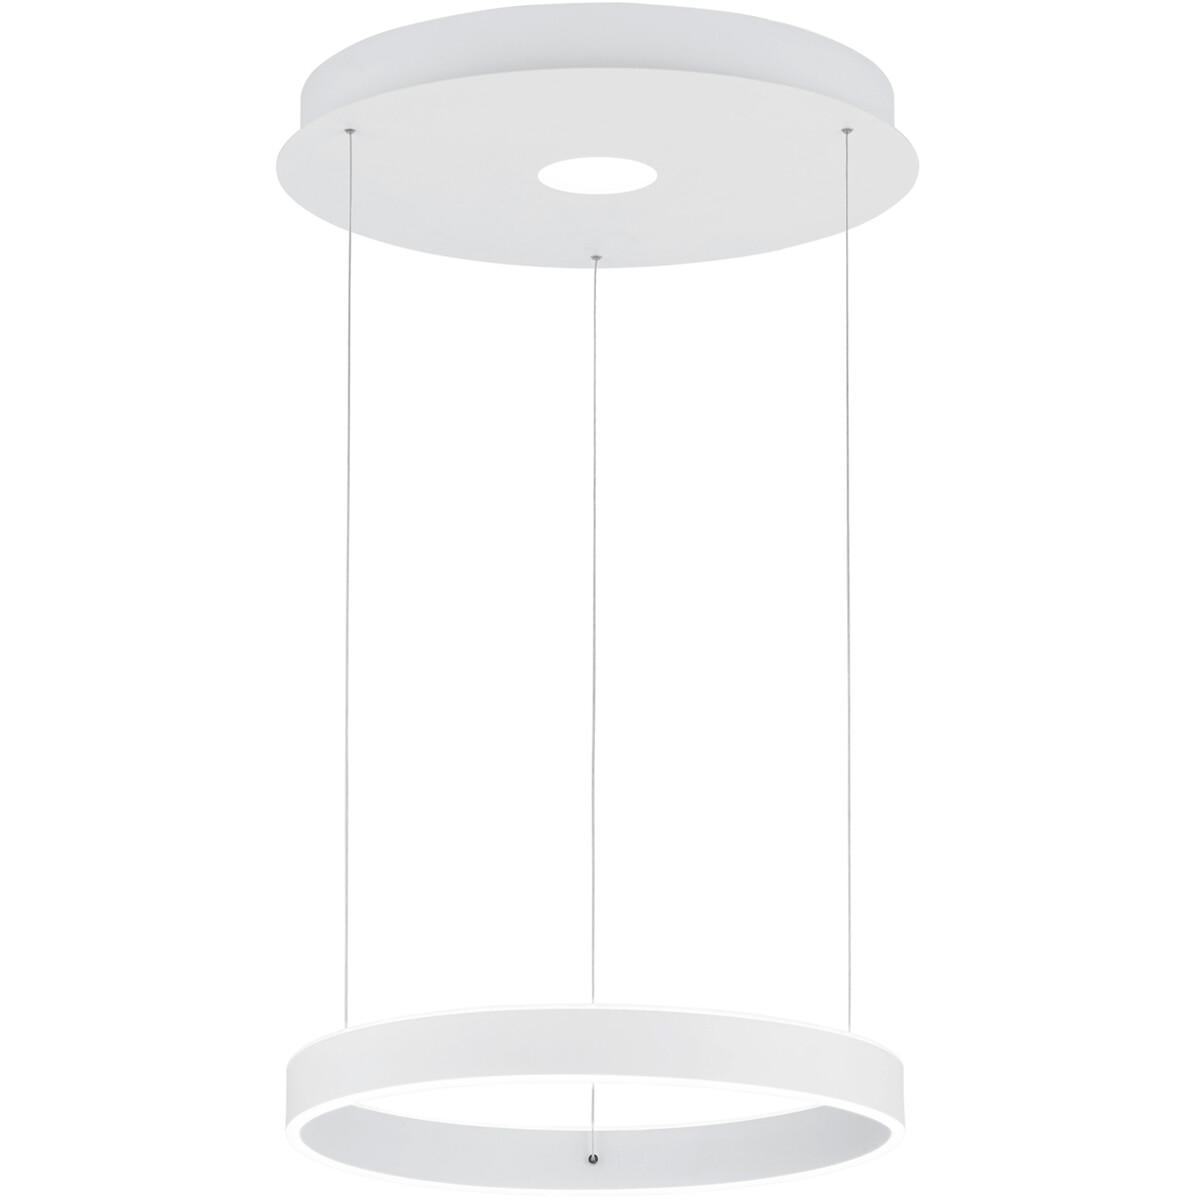 LED Hanglamp - Hangverlichting - Trion Lonag - 45W - Natuurlijk Wit 4000K - Rond - Mat Wit - Aluminium